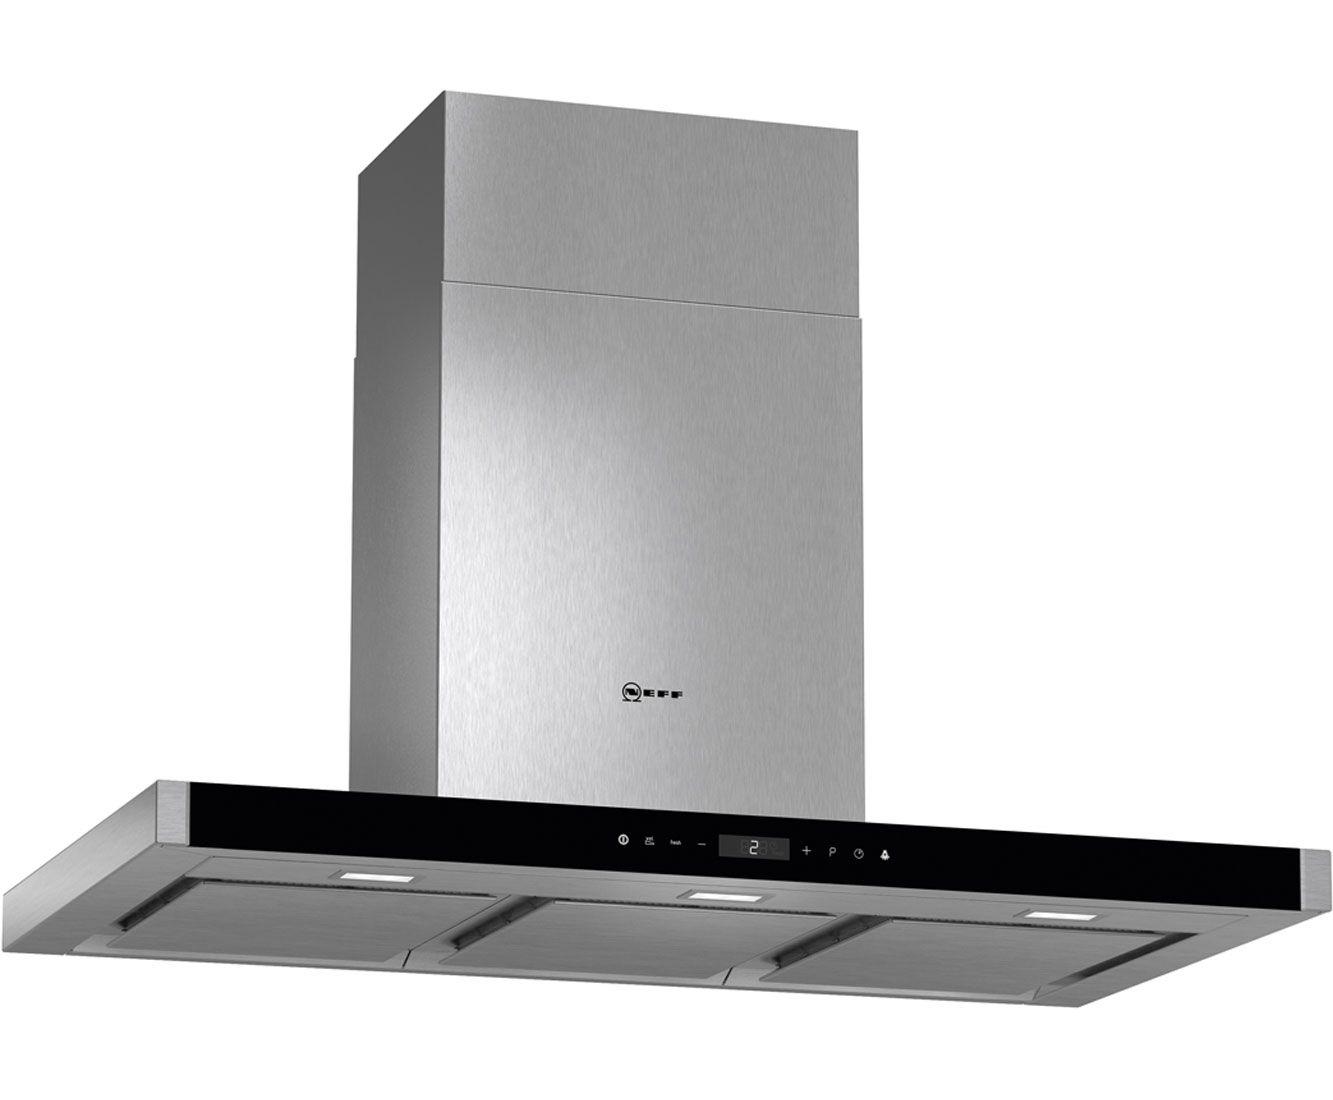 Neff n d mt n b cm chimney cooker hood stainless steel